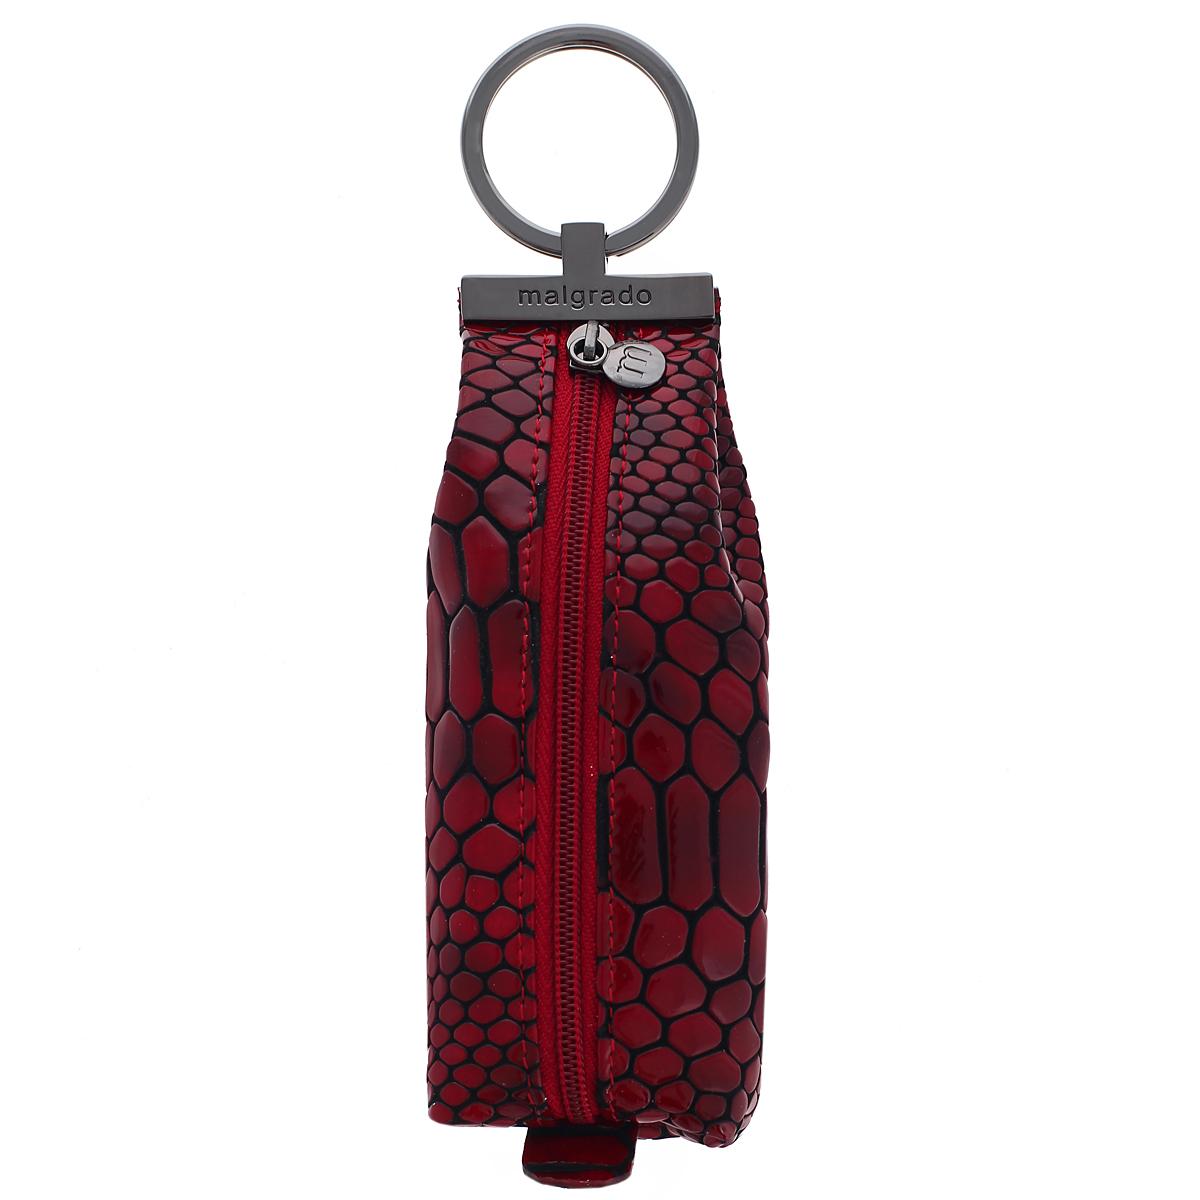 Ключница Malgrado, цвет: бордовый, черный. 52017-4030239864|Серьги с подвескамиКомпактная ключница Malgrado изготовлена из натуральной кожи и имеет одно отделение на молнии. Внутри находится металлическая цепочка с кольцом для ключей. Снаружи - металлическое кольцо для возможности крепления к поясу или сумке. Ключница упакована в коробку из плотного картона с логотипом фирмы.Этот аксессуар станет замечательным подарком человеку, ценящему качественные и практичные вещи.